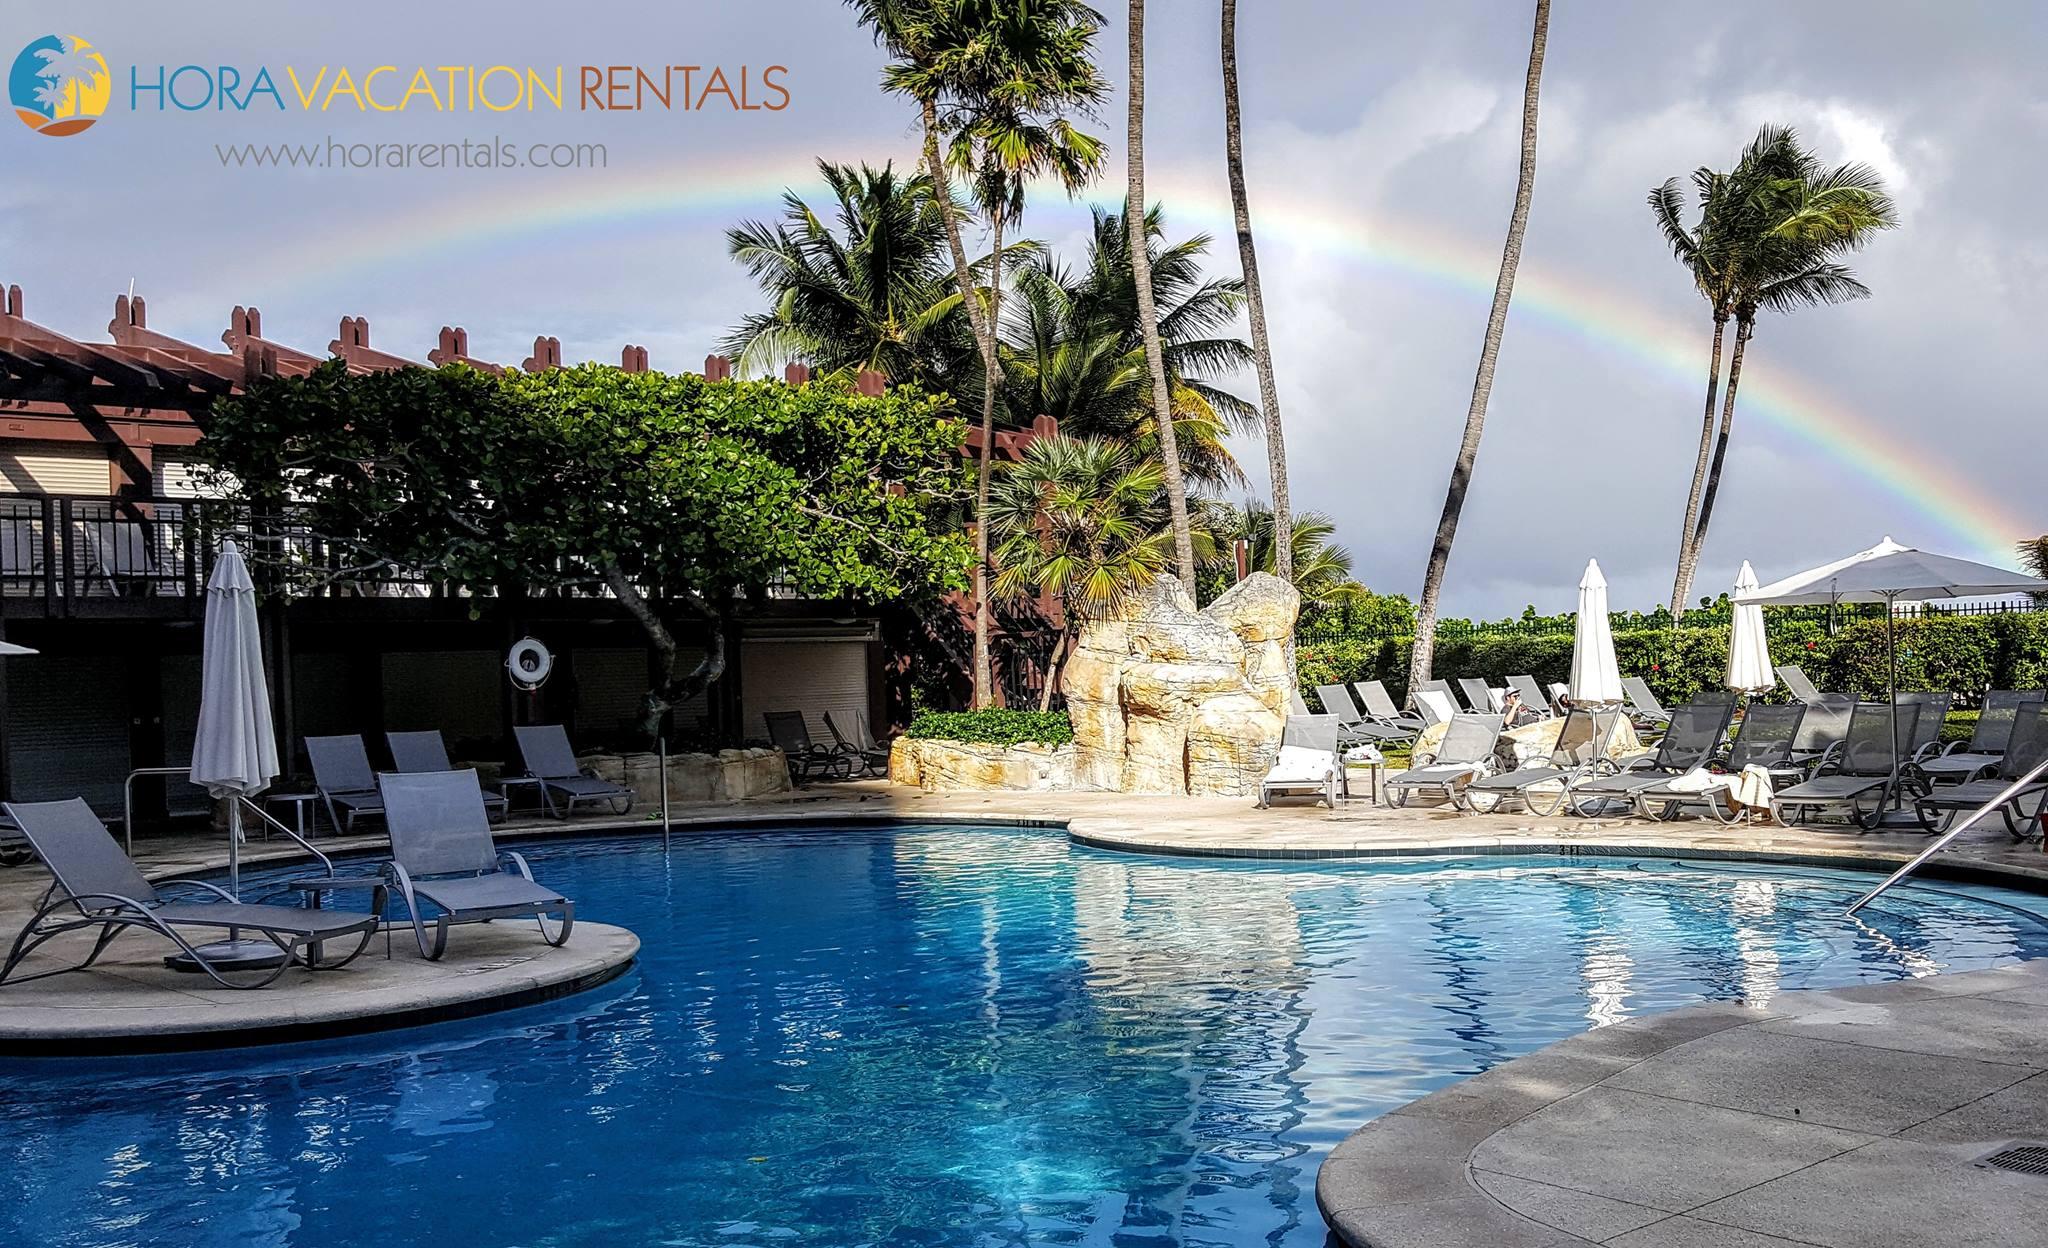 Hora Vacation Rentals Miami Beach Florida Upscale Luxury Condo Poolside